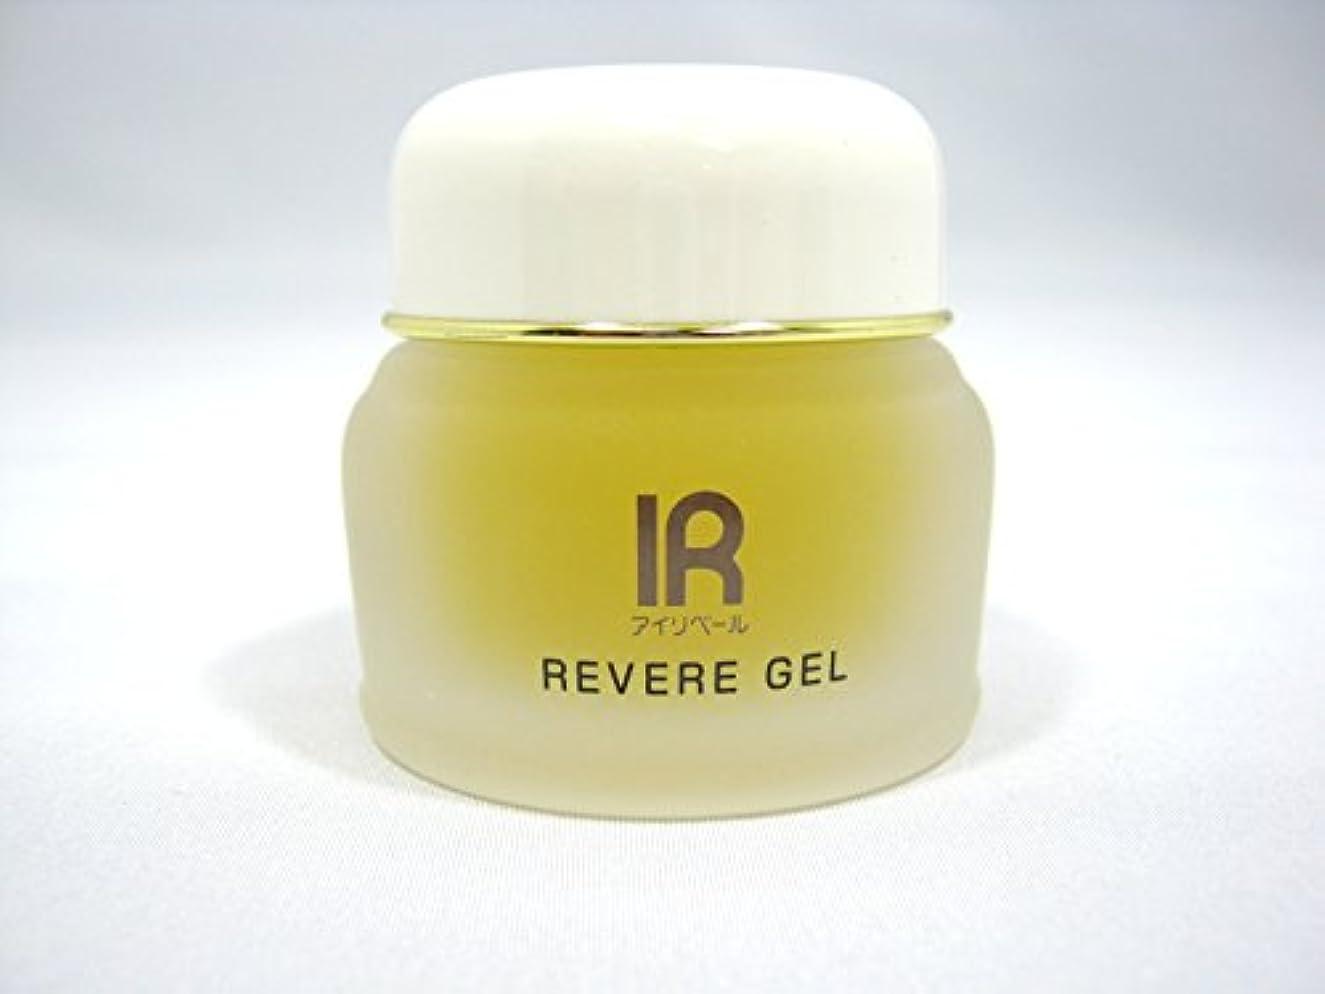 バイパス気体の議論するIR アイリベール化粧品 リベールジェル (シワ用クリーム) 30g